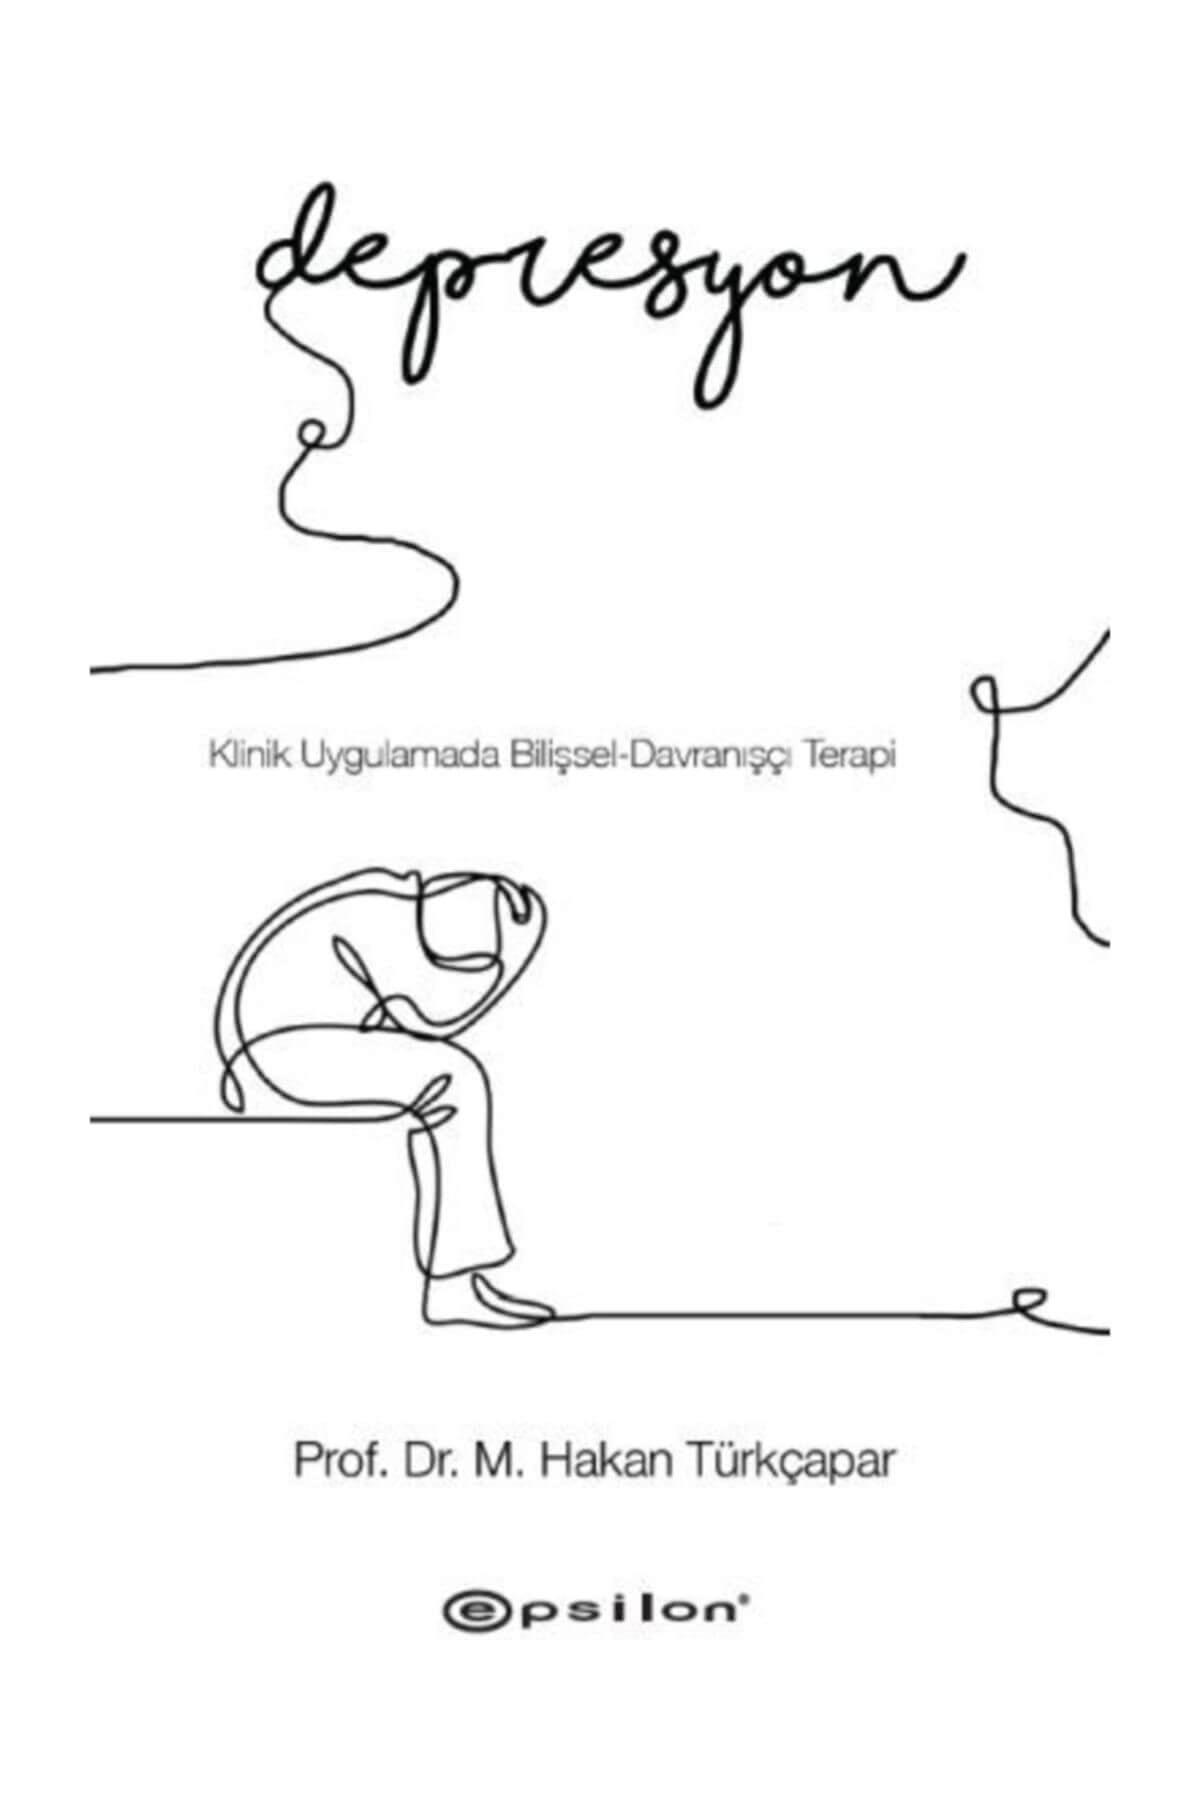 Klinik Uygulamada Bilişsel-davranışçı Terapi: Depresyon